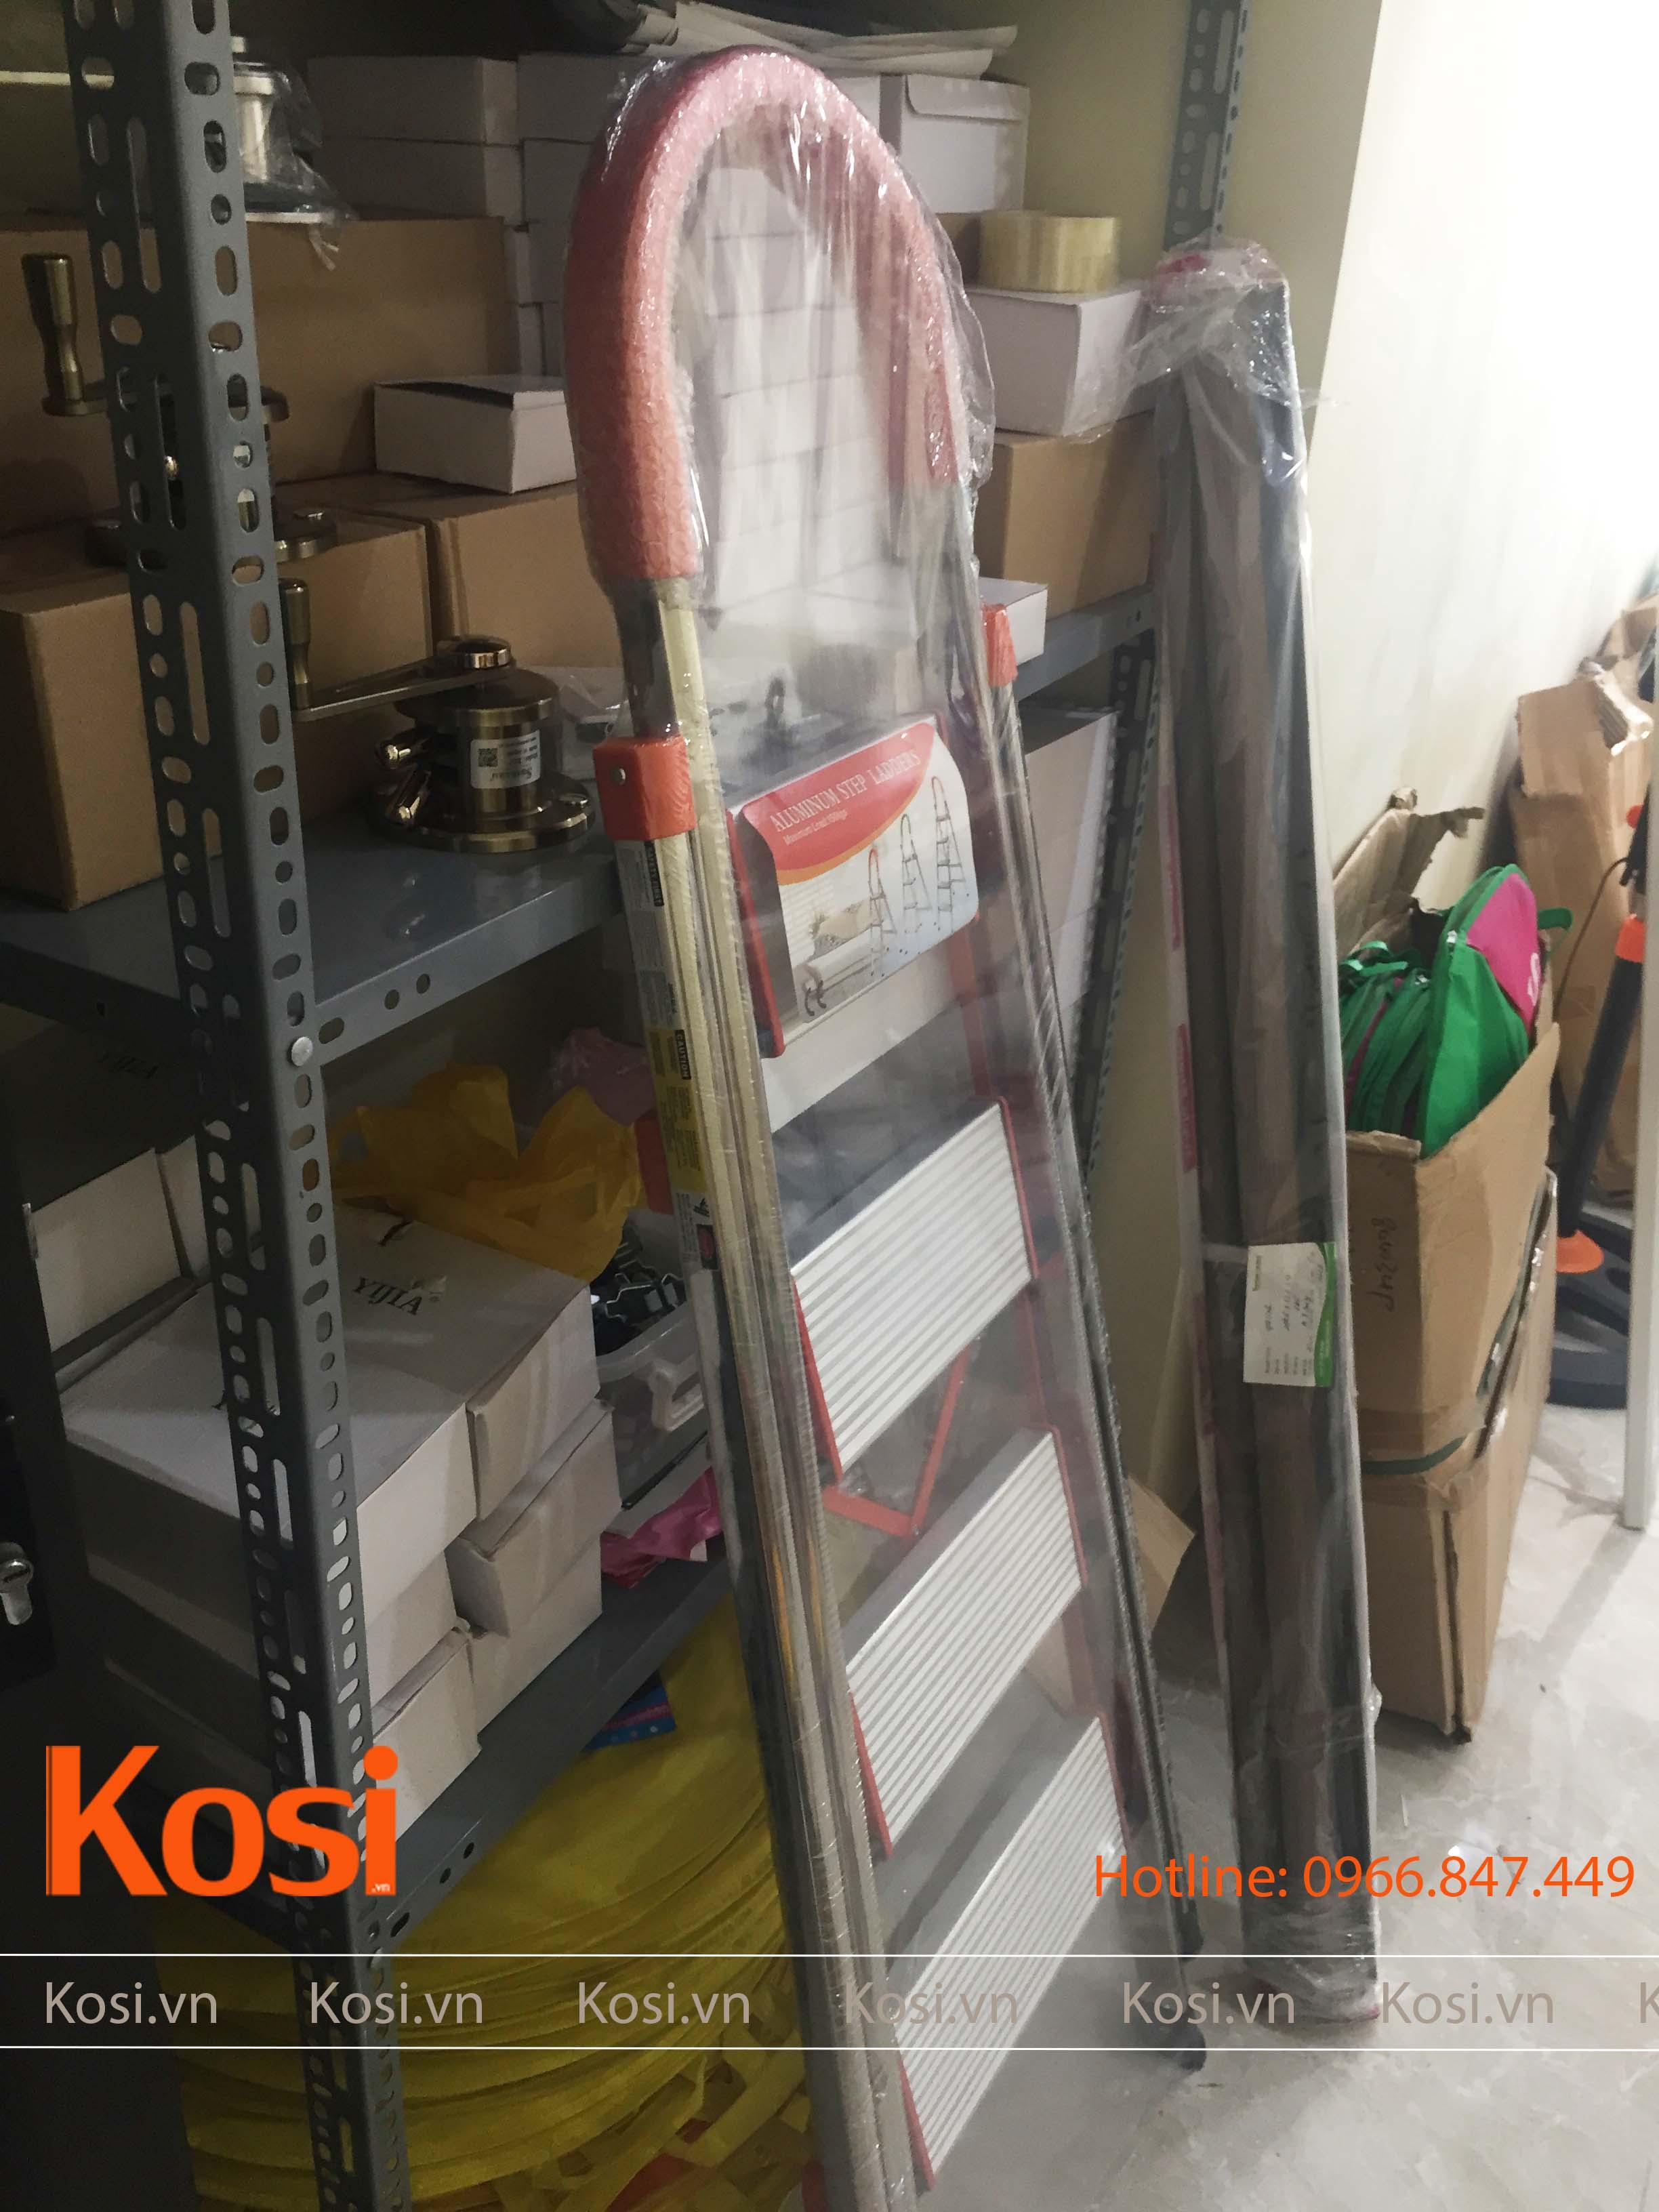 Thang ghế inox KSXP – 4 STEP 4